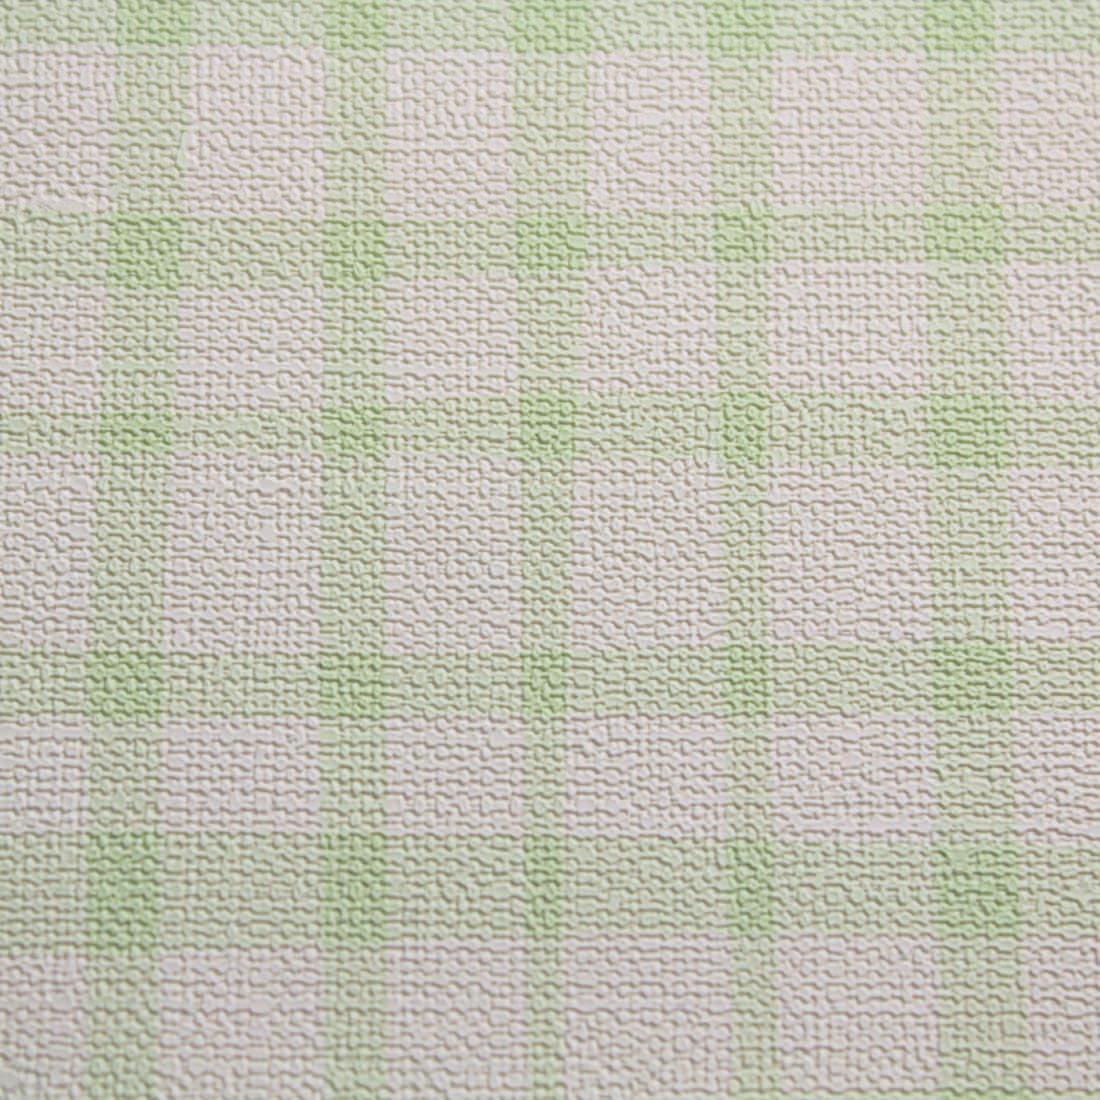 Papel de Parede Muresco Nido Xadrez Verde Textura